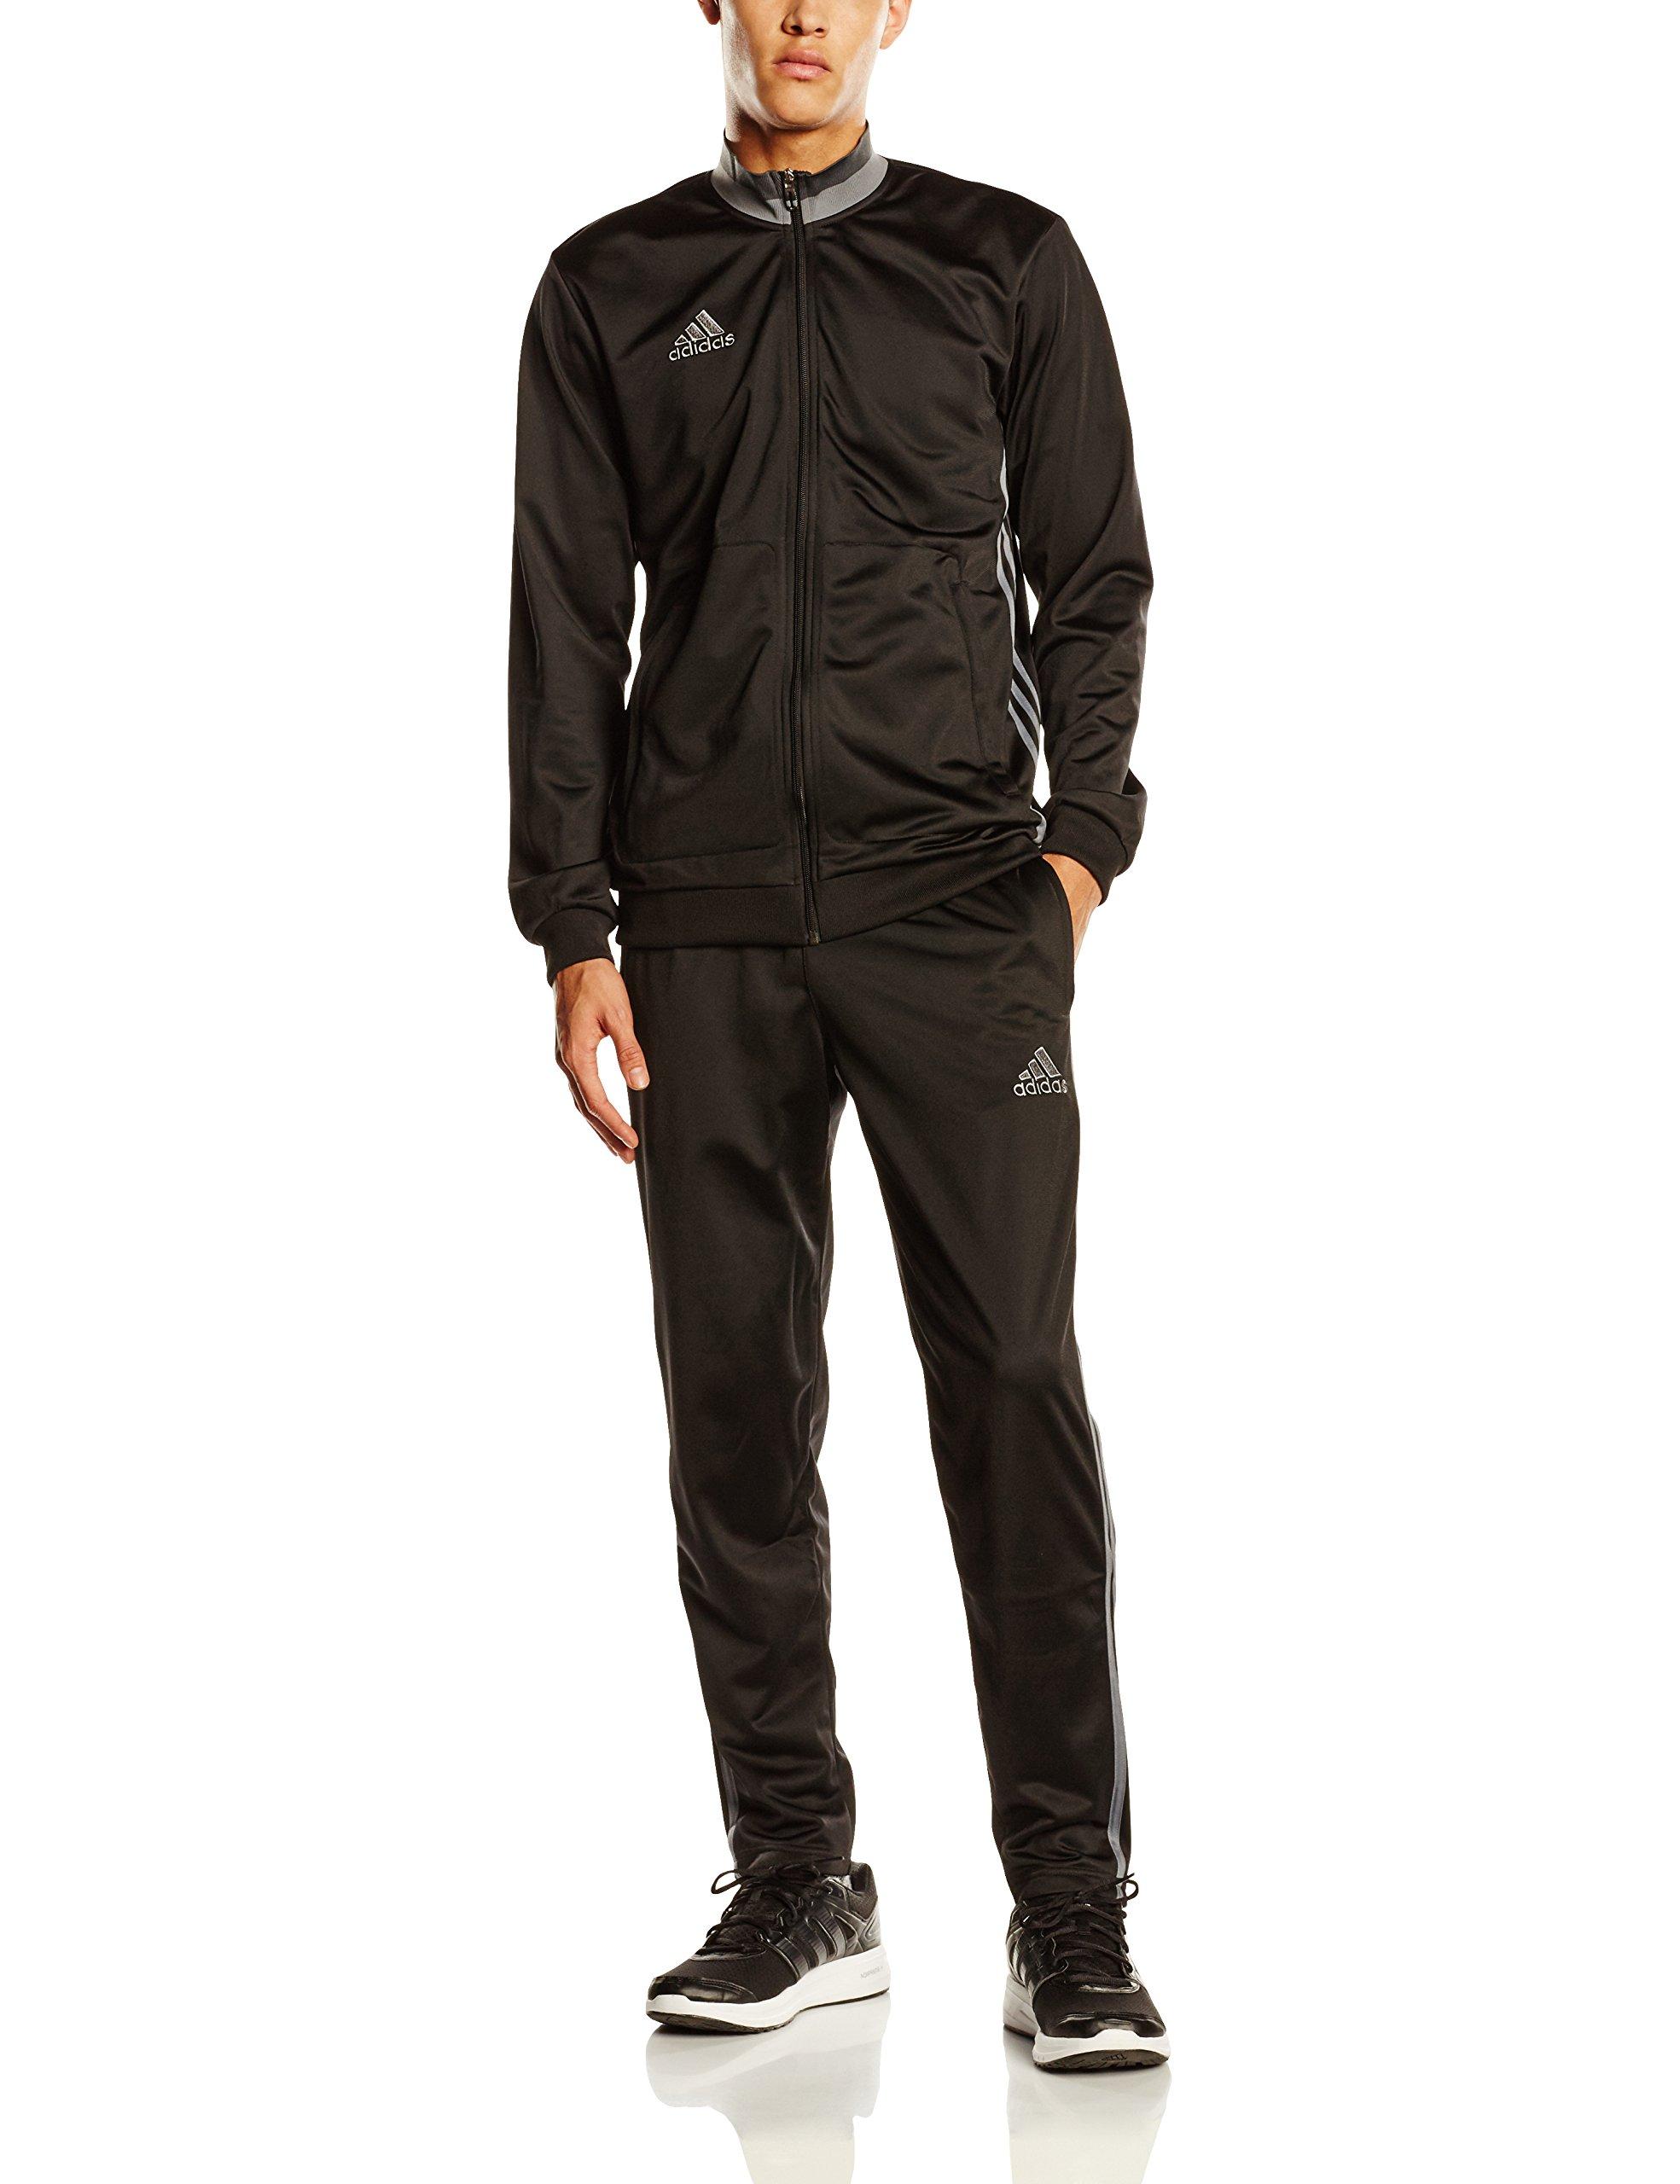 online store 218a1 6a028 adidas Con16 Pes, Tuta da uomo